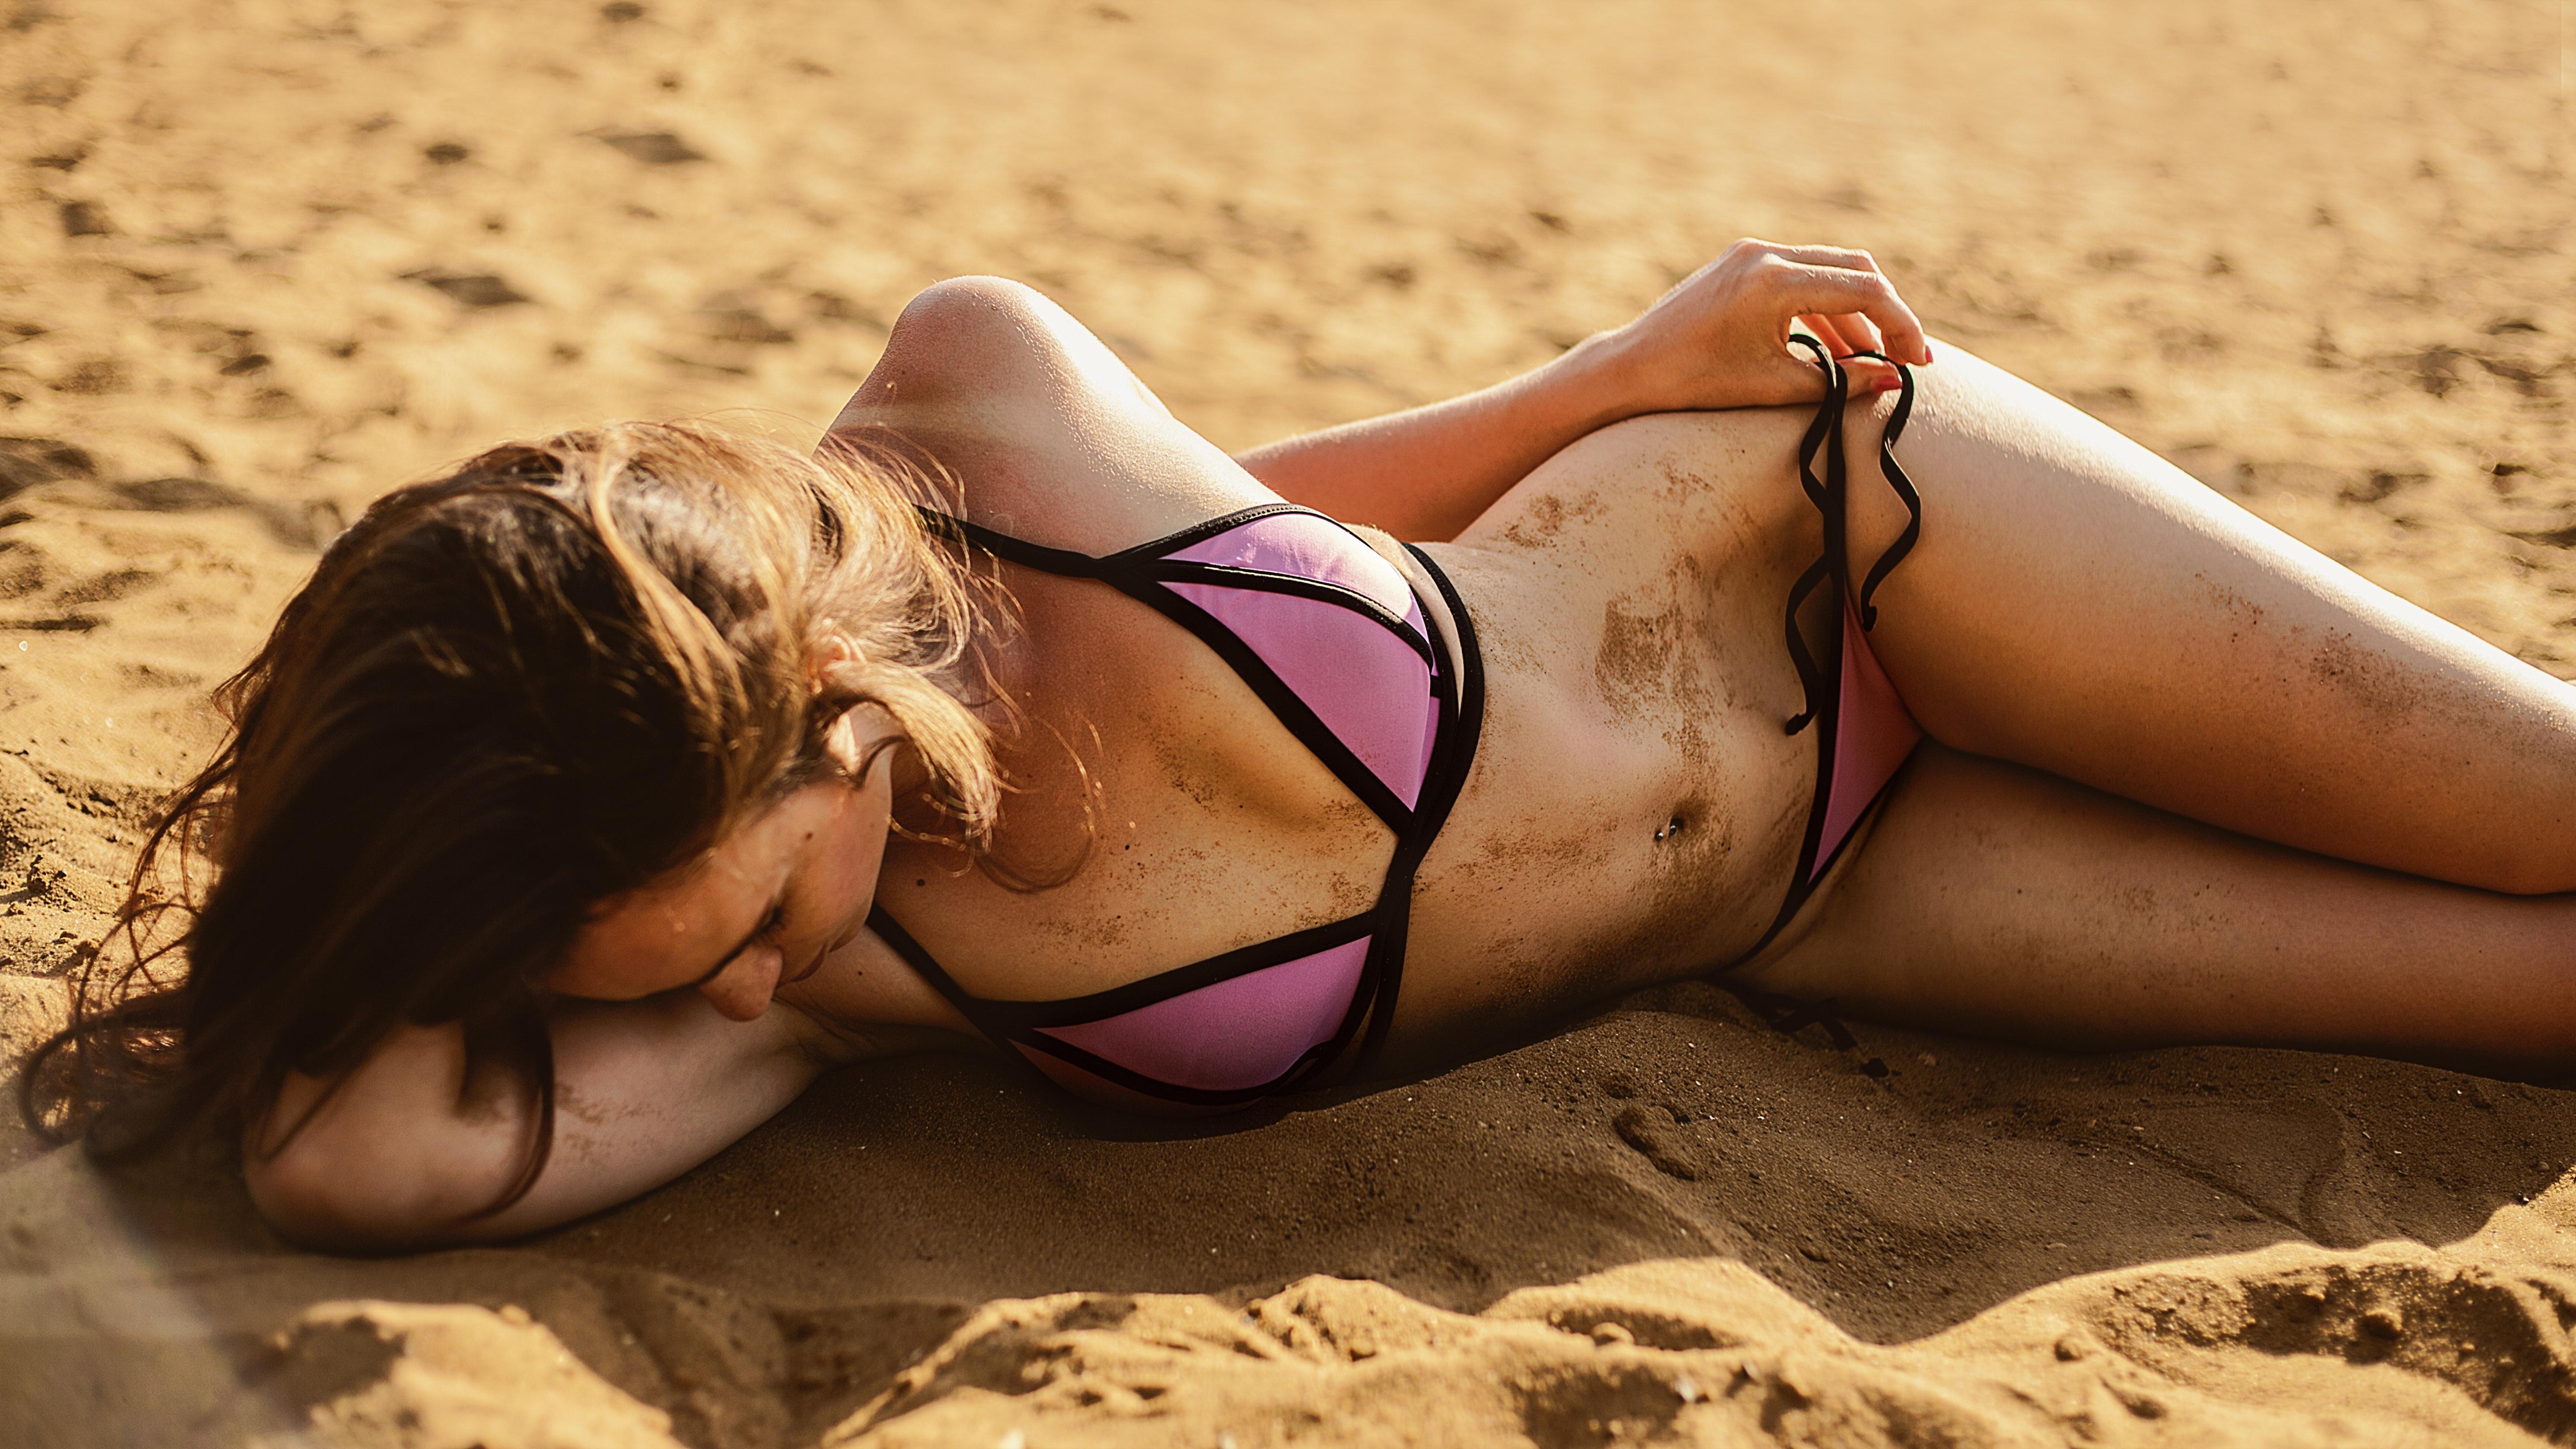 Luton Escorts sexy girl in hot bikini